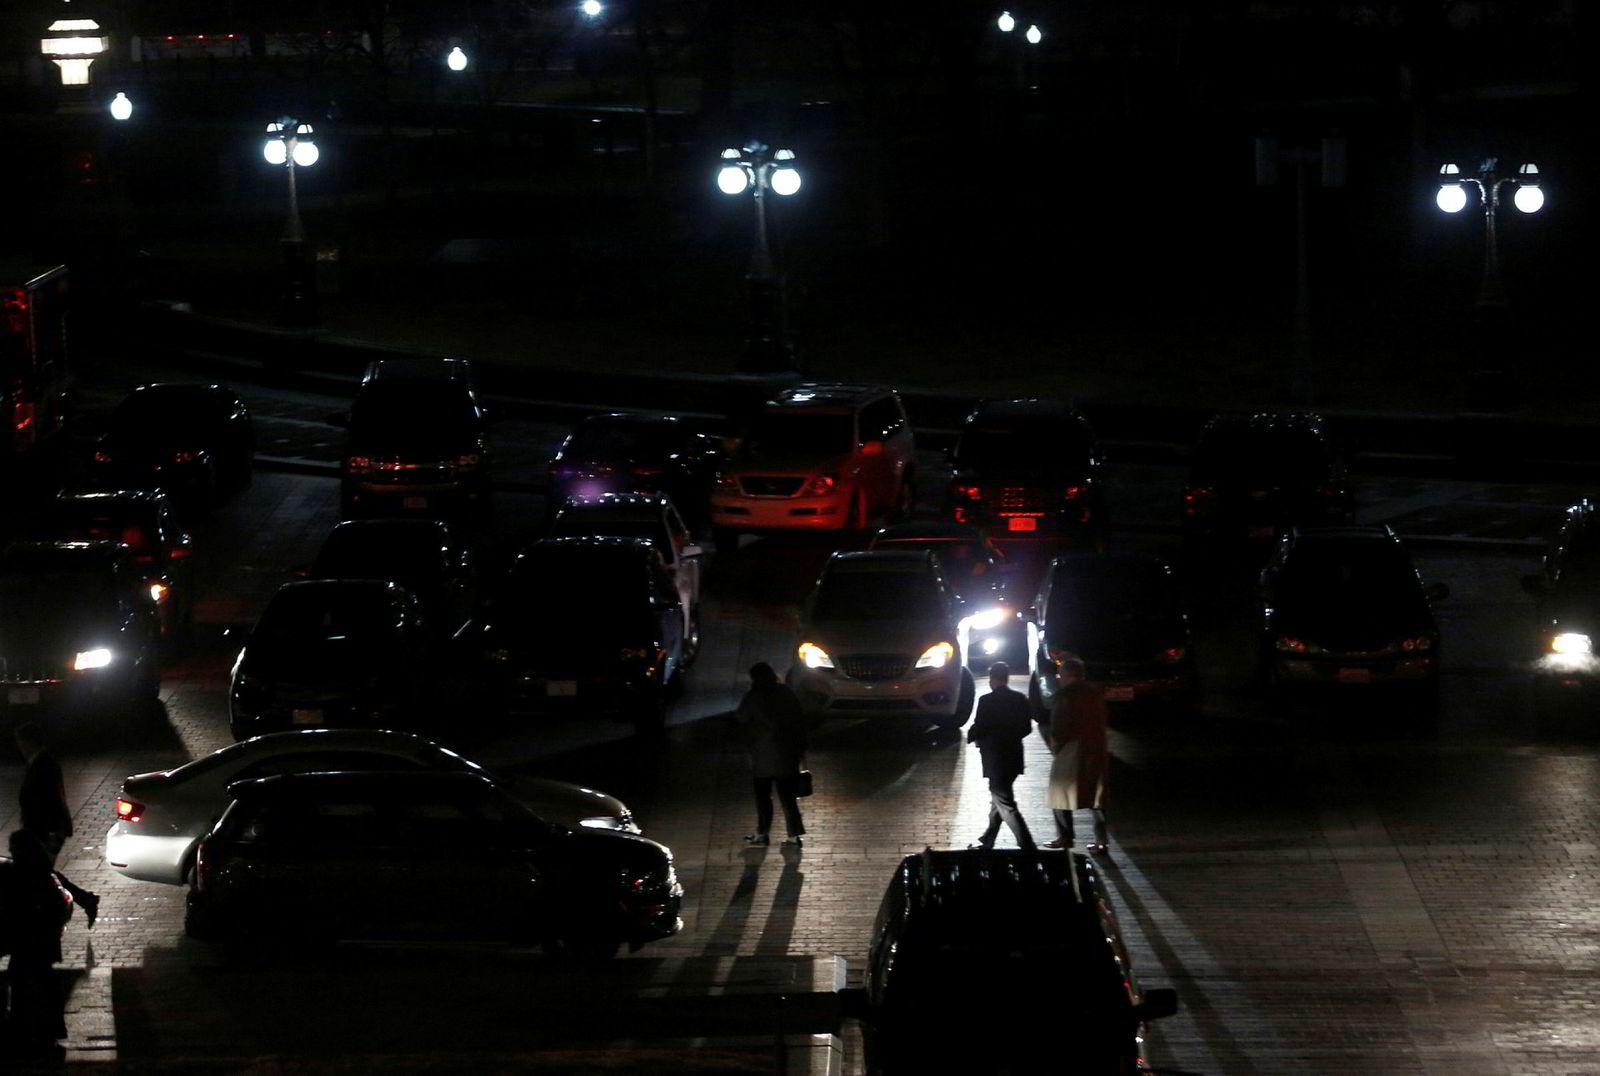 Før morgengry fredag ble kongressmedlemmene hentet i sine biler utenfor kongressbygningen etter en lang natts kiving som endte med en midlertidig løsning.